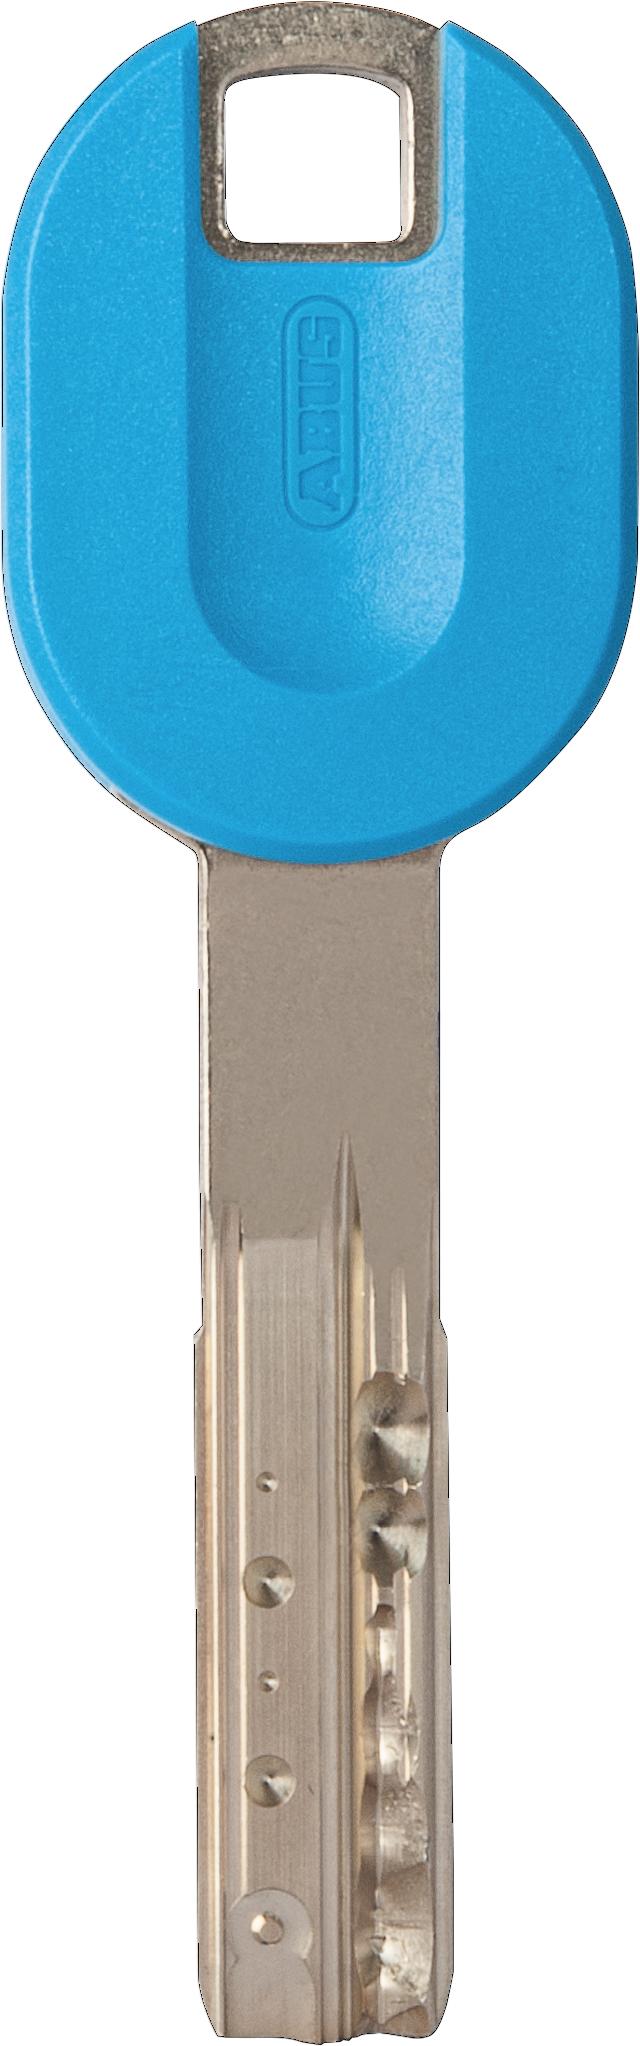 Schlüsselkappe Pro Cap hellblau